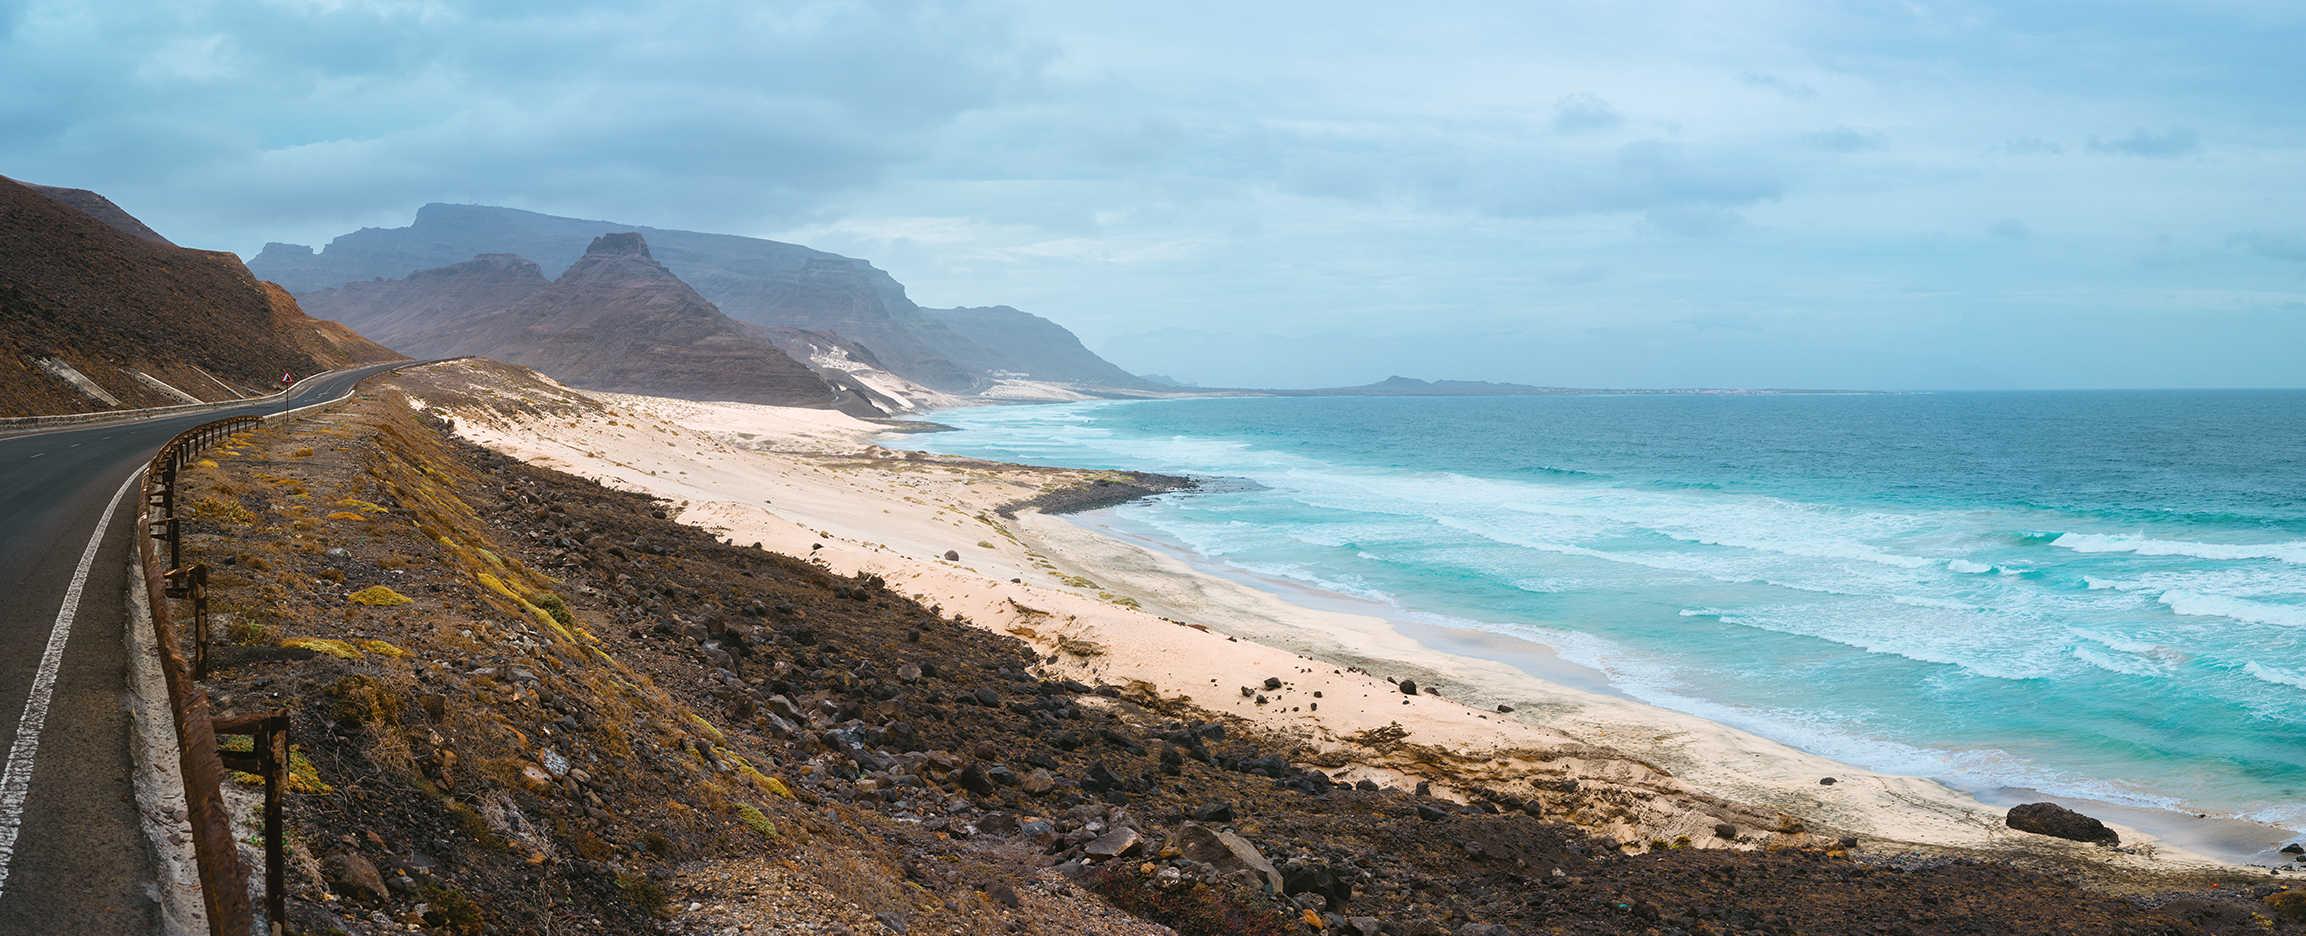 ¿Qué Esperar De Un Destino Poco Turístico Como Cabo Verde?